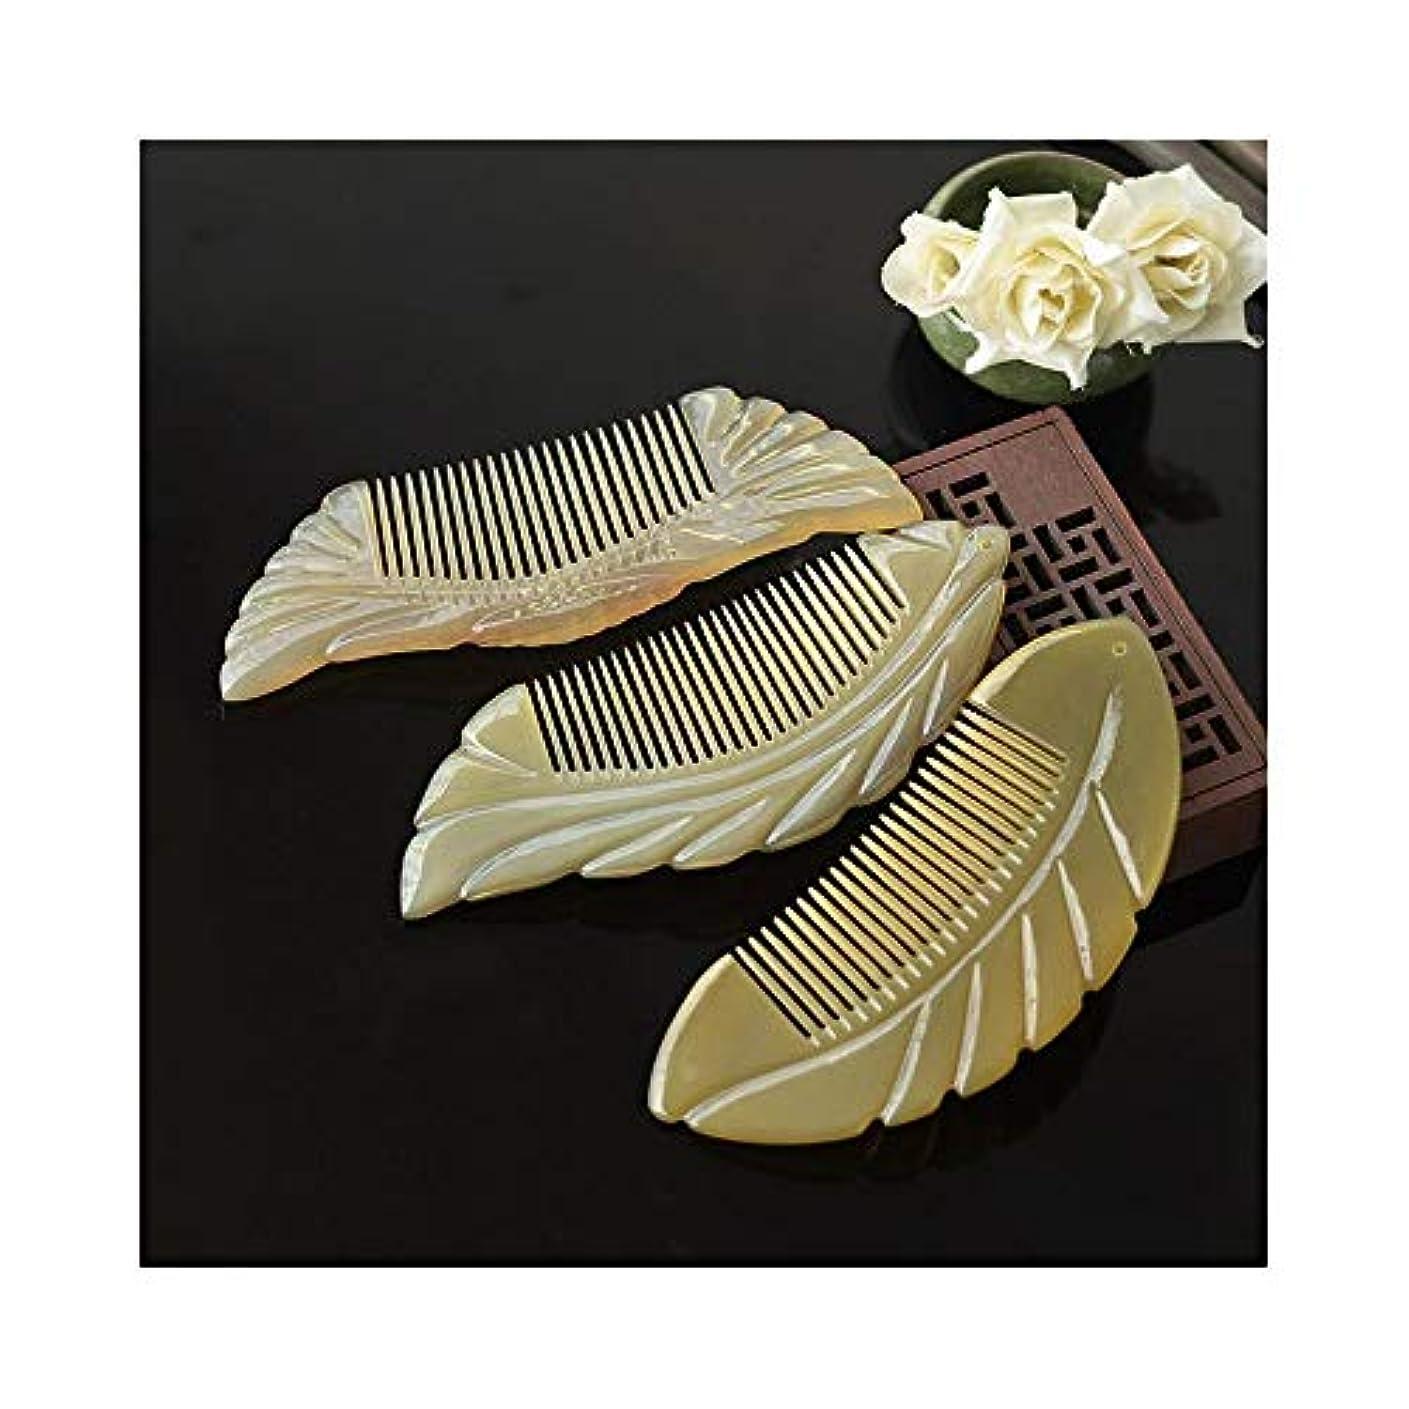 アーティファクトマニュアルトーンFashian自然工芸バッファローホーン櫛は、女性のための手作りテールコームを彫 ヘアケア (色 : 7041)